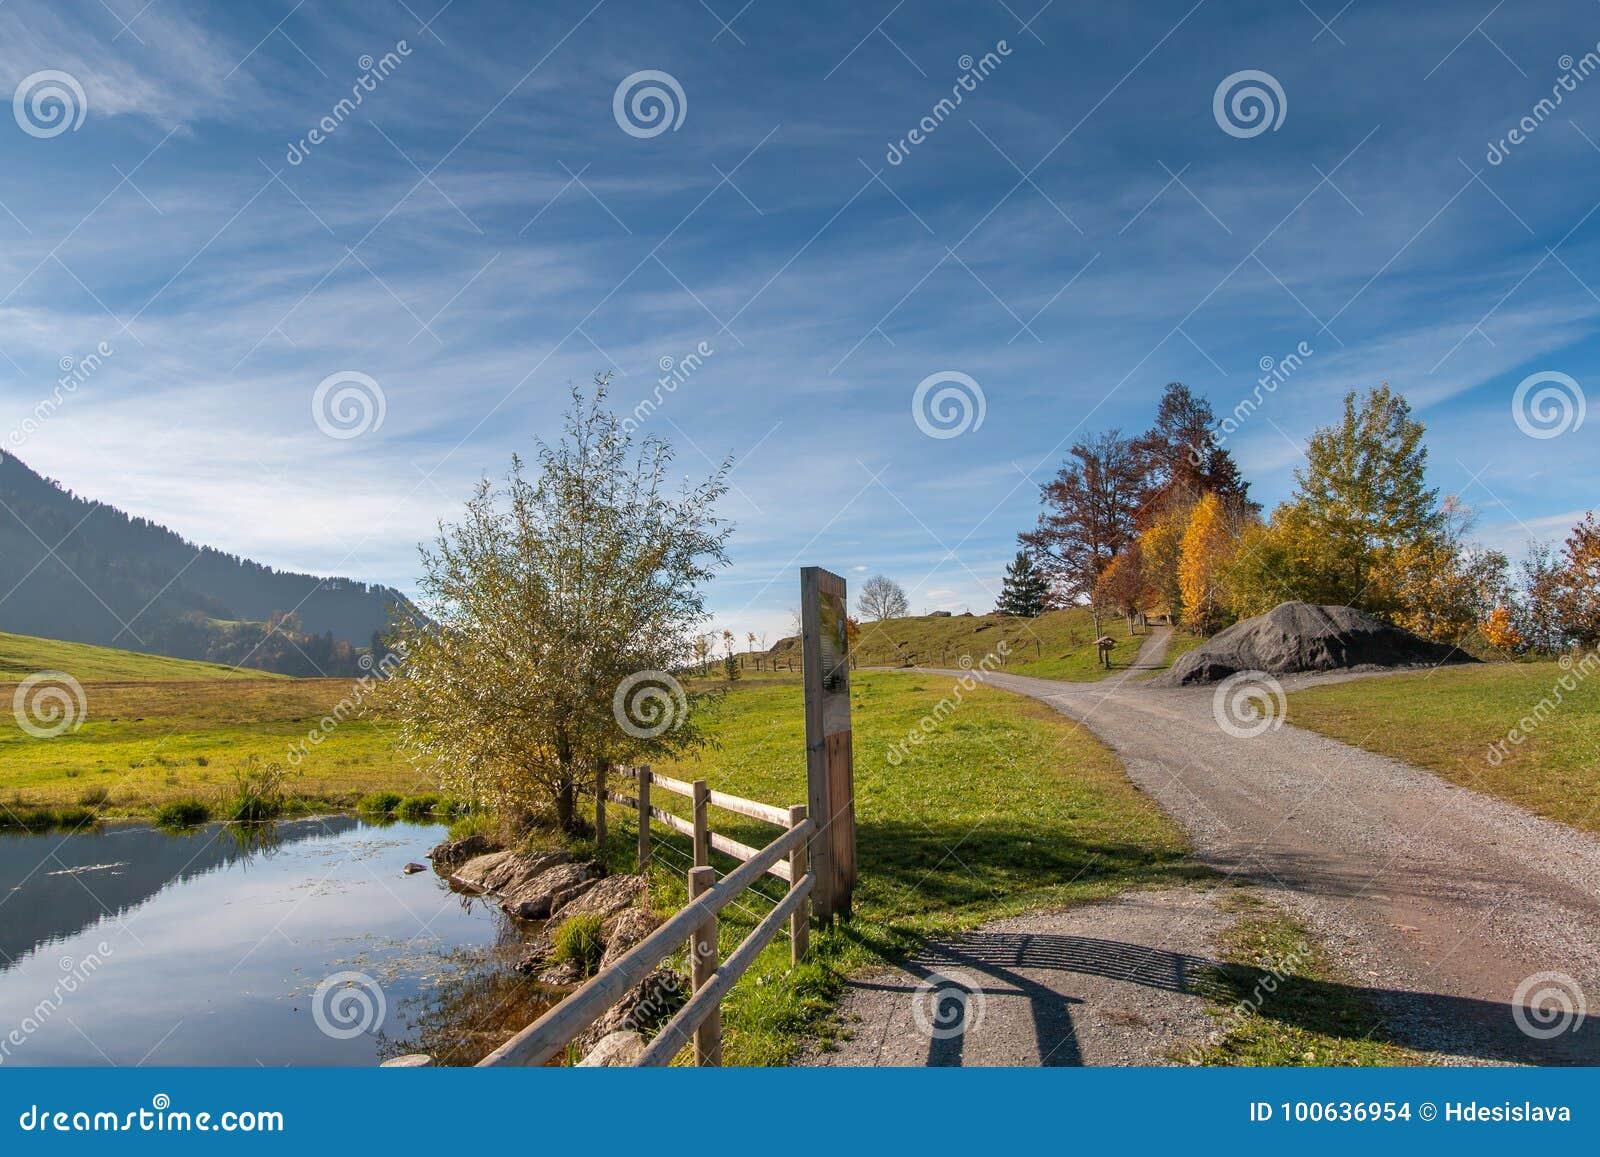 Amaing Autumn Landscape Near Mount Rigi And Lake Luzerne